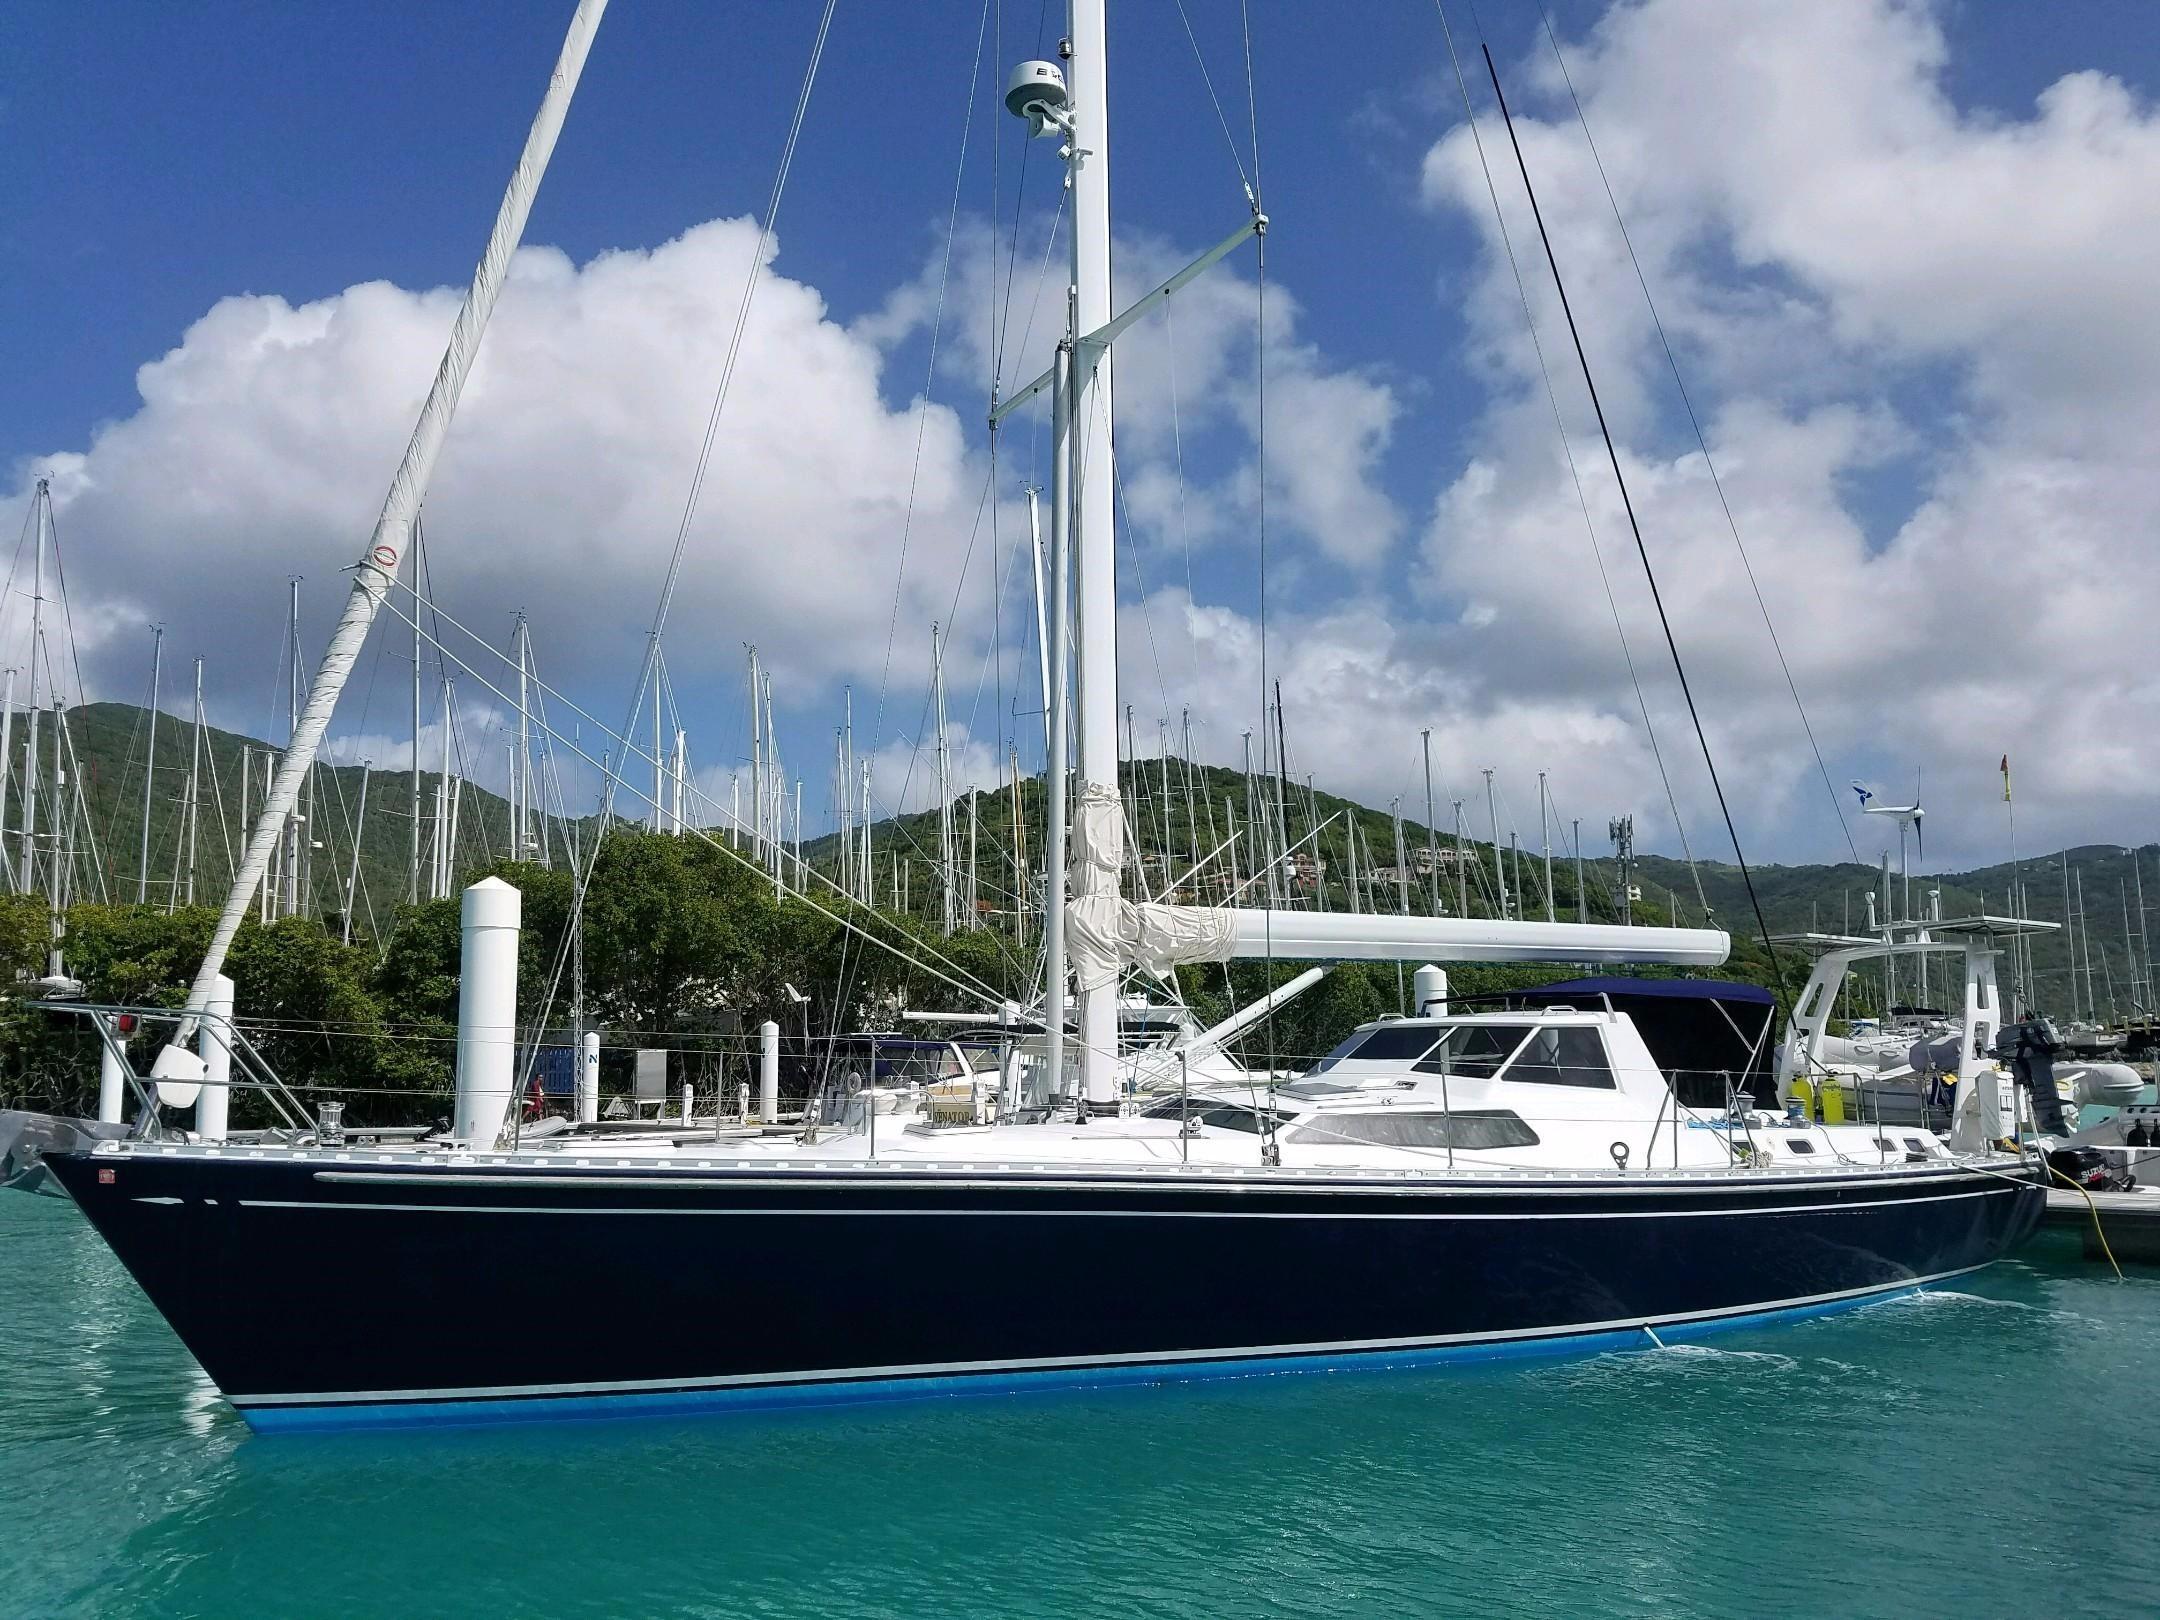 medium resolution of 2001 islander 56 sail boat for sale www yachtworld com